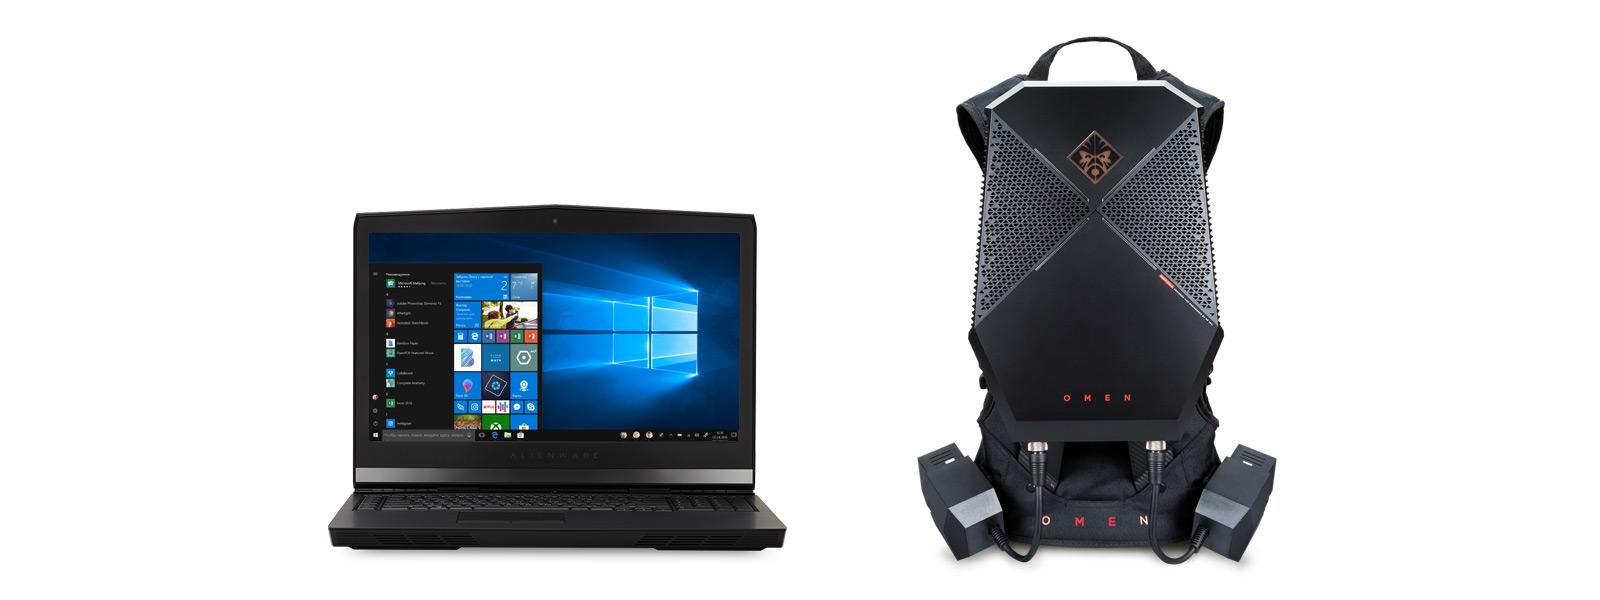 Снимок спереди под углом Dell Alienware 17 R4 и снимок спереди под углом HP OMEN.